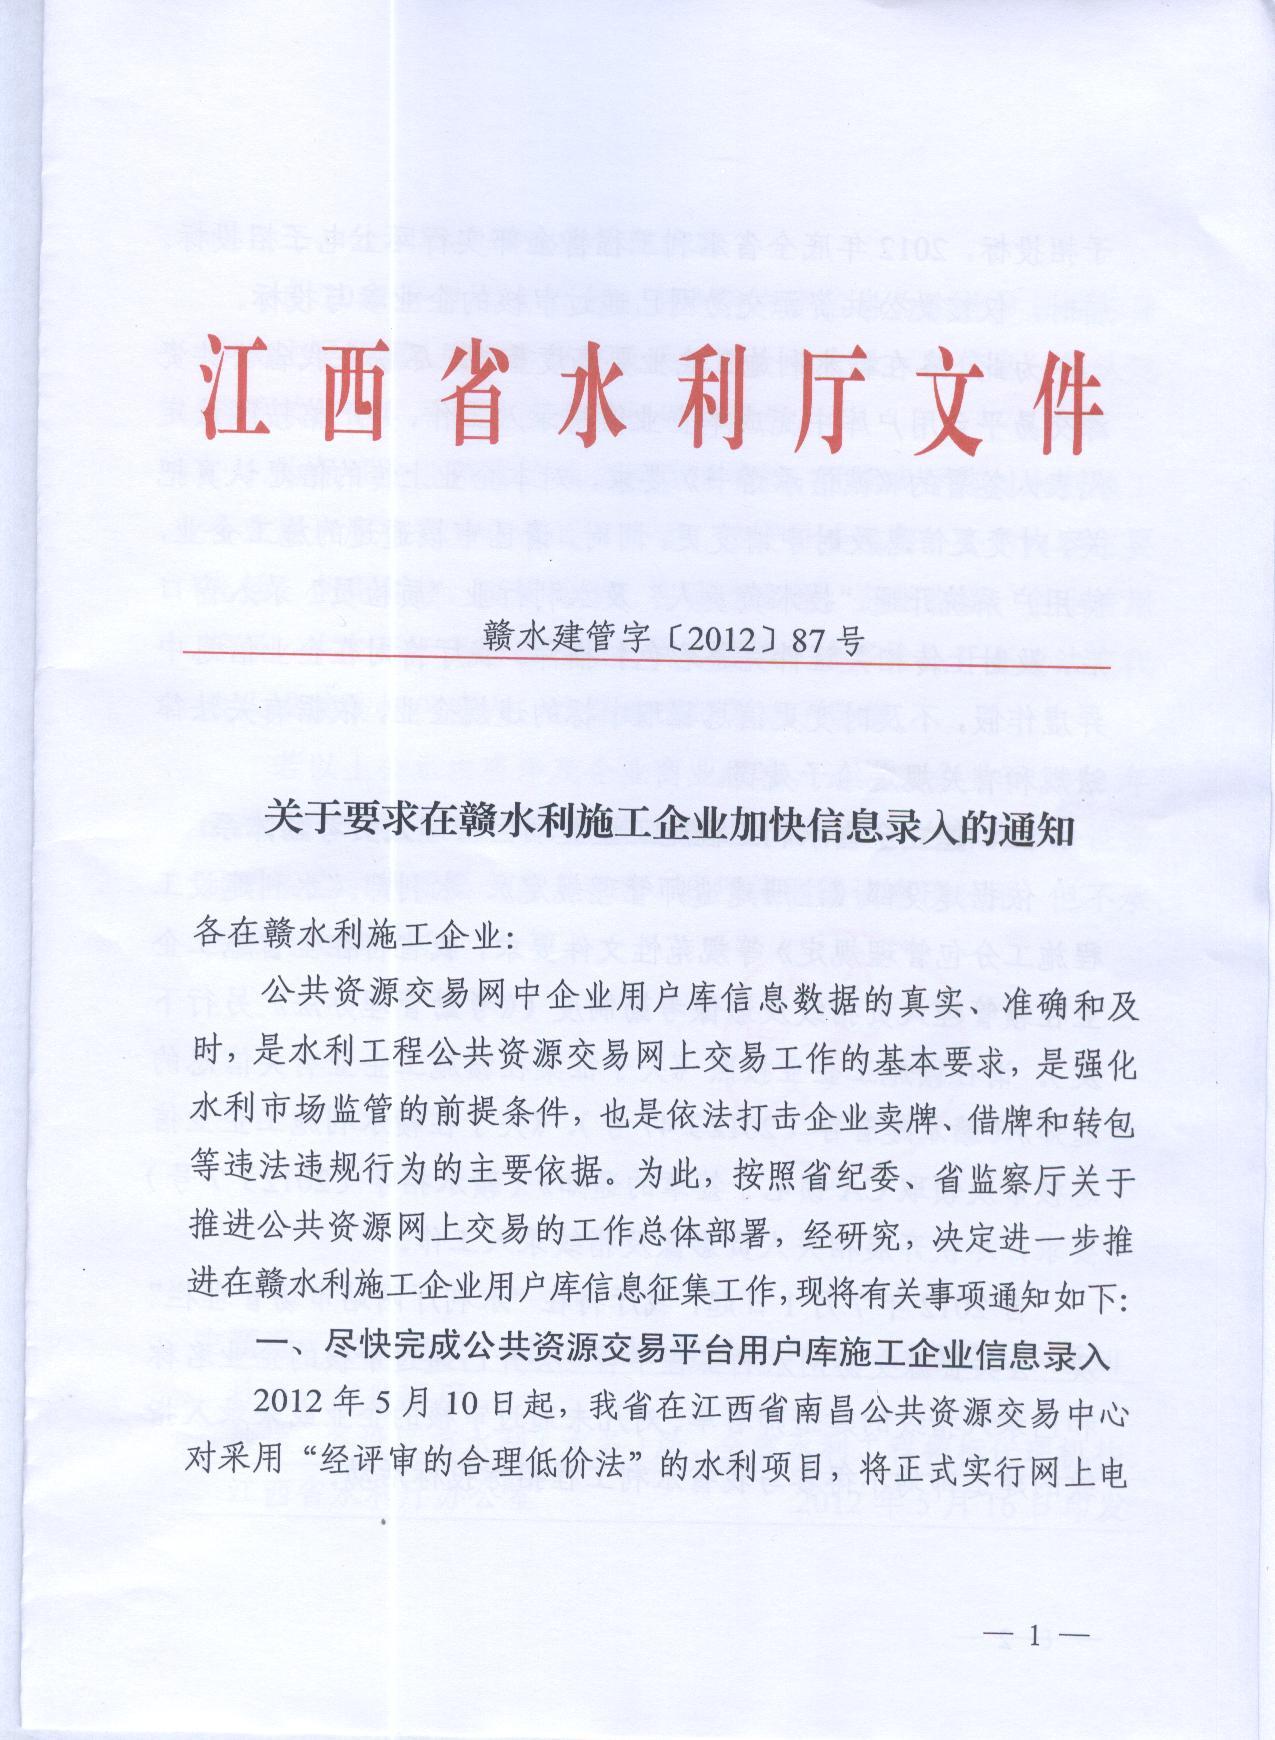 赣水建管字(2012)87号文